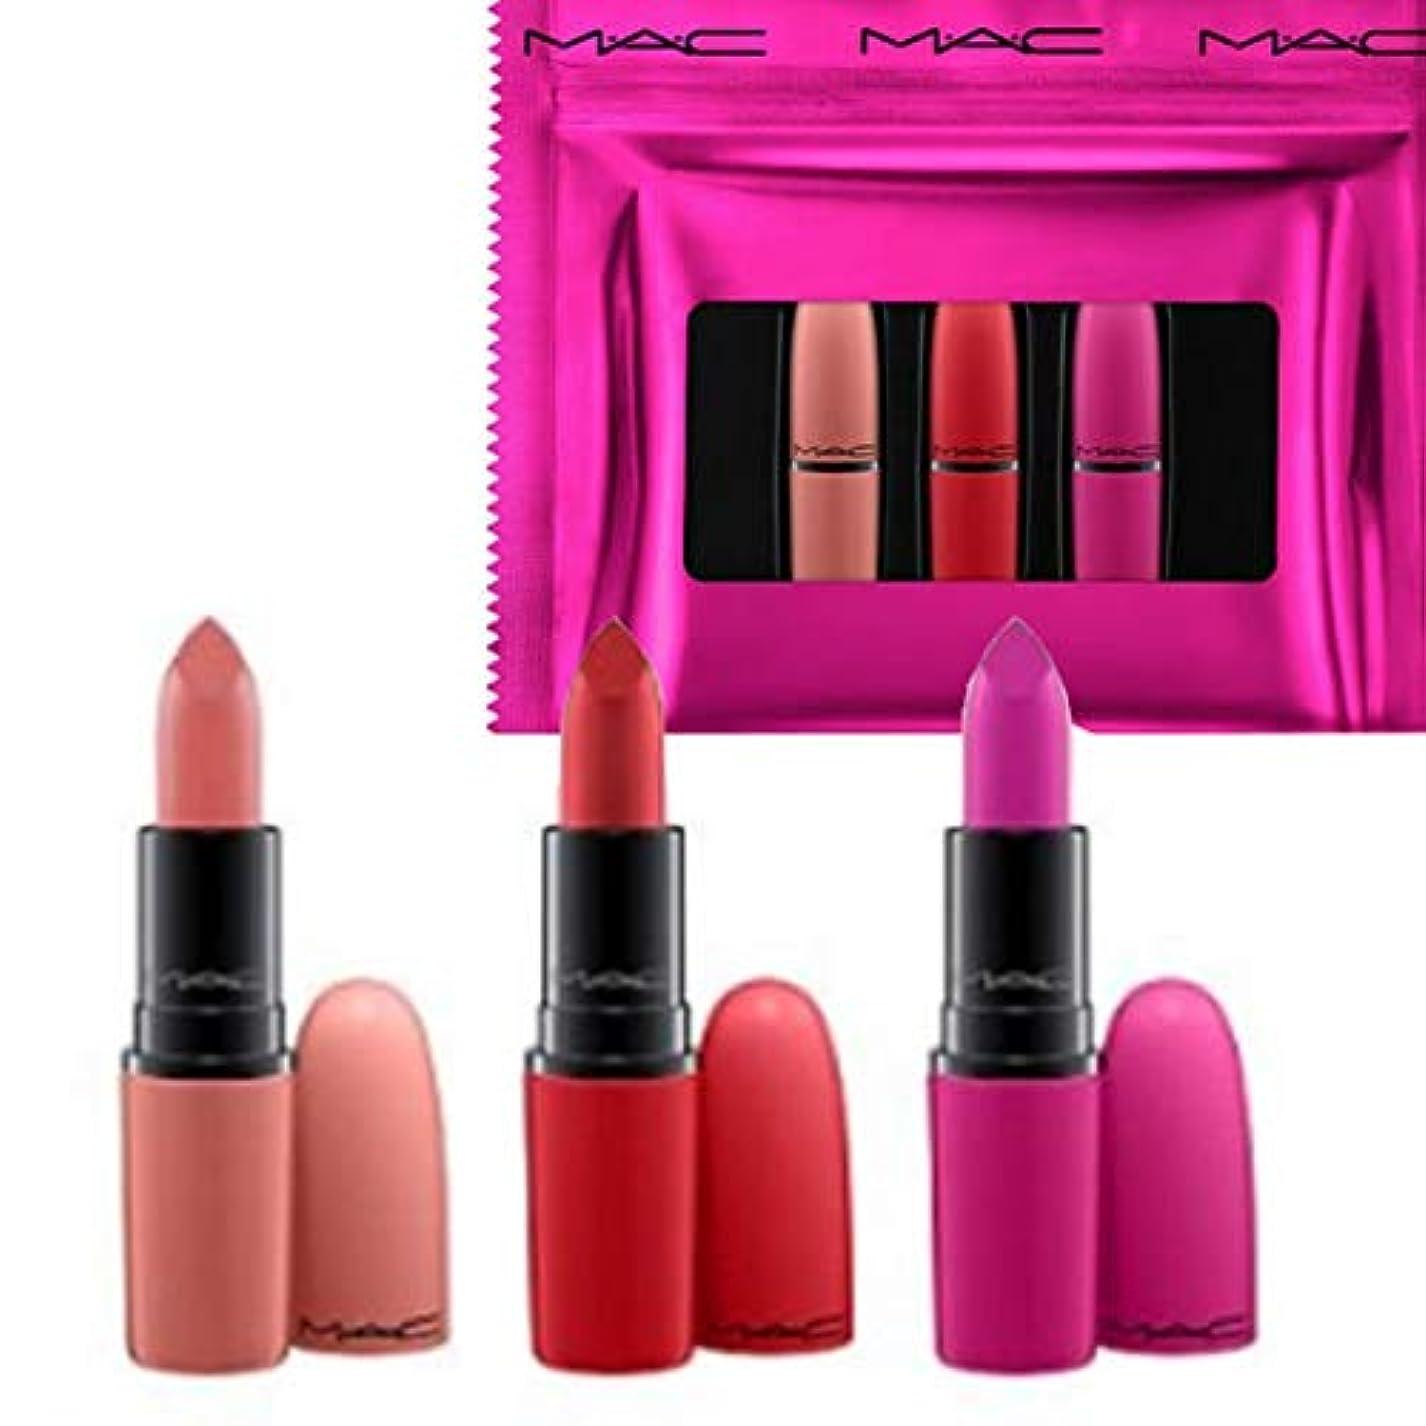 シンプトンへこみ理論M.A.C ?マック, Limited Edition 限定版, 3-Pc. Shiny Pretty Things Lip Set - Russian Red/Kinda Sexy/Flat Out Fabulous...